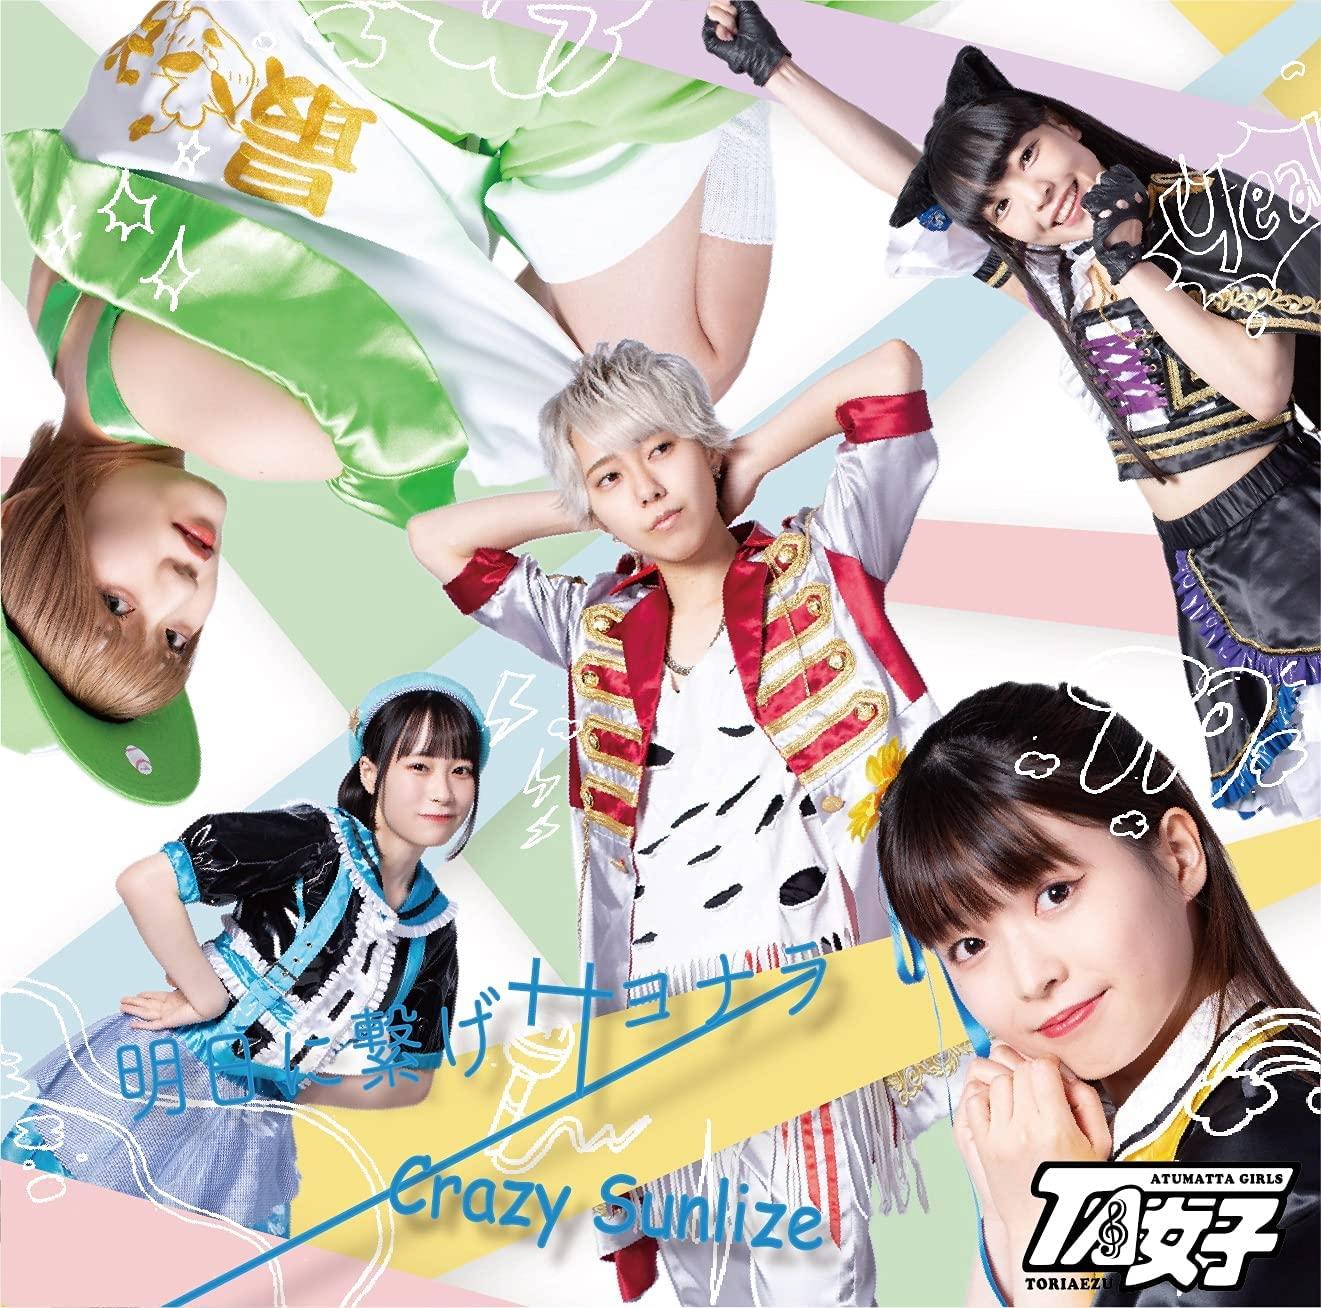 「明日に繋げサヨナラ」/「Crazy Sunlize」 B盤